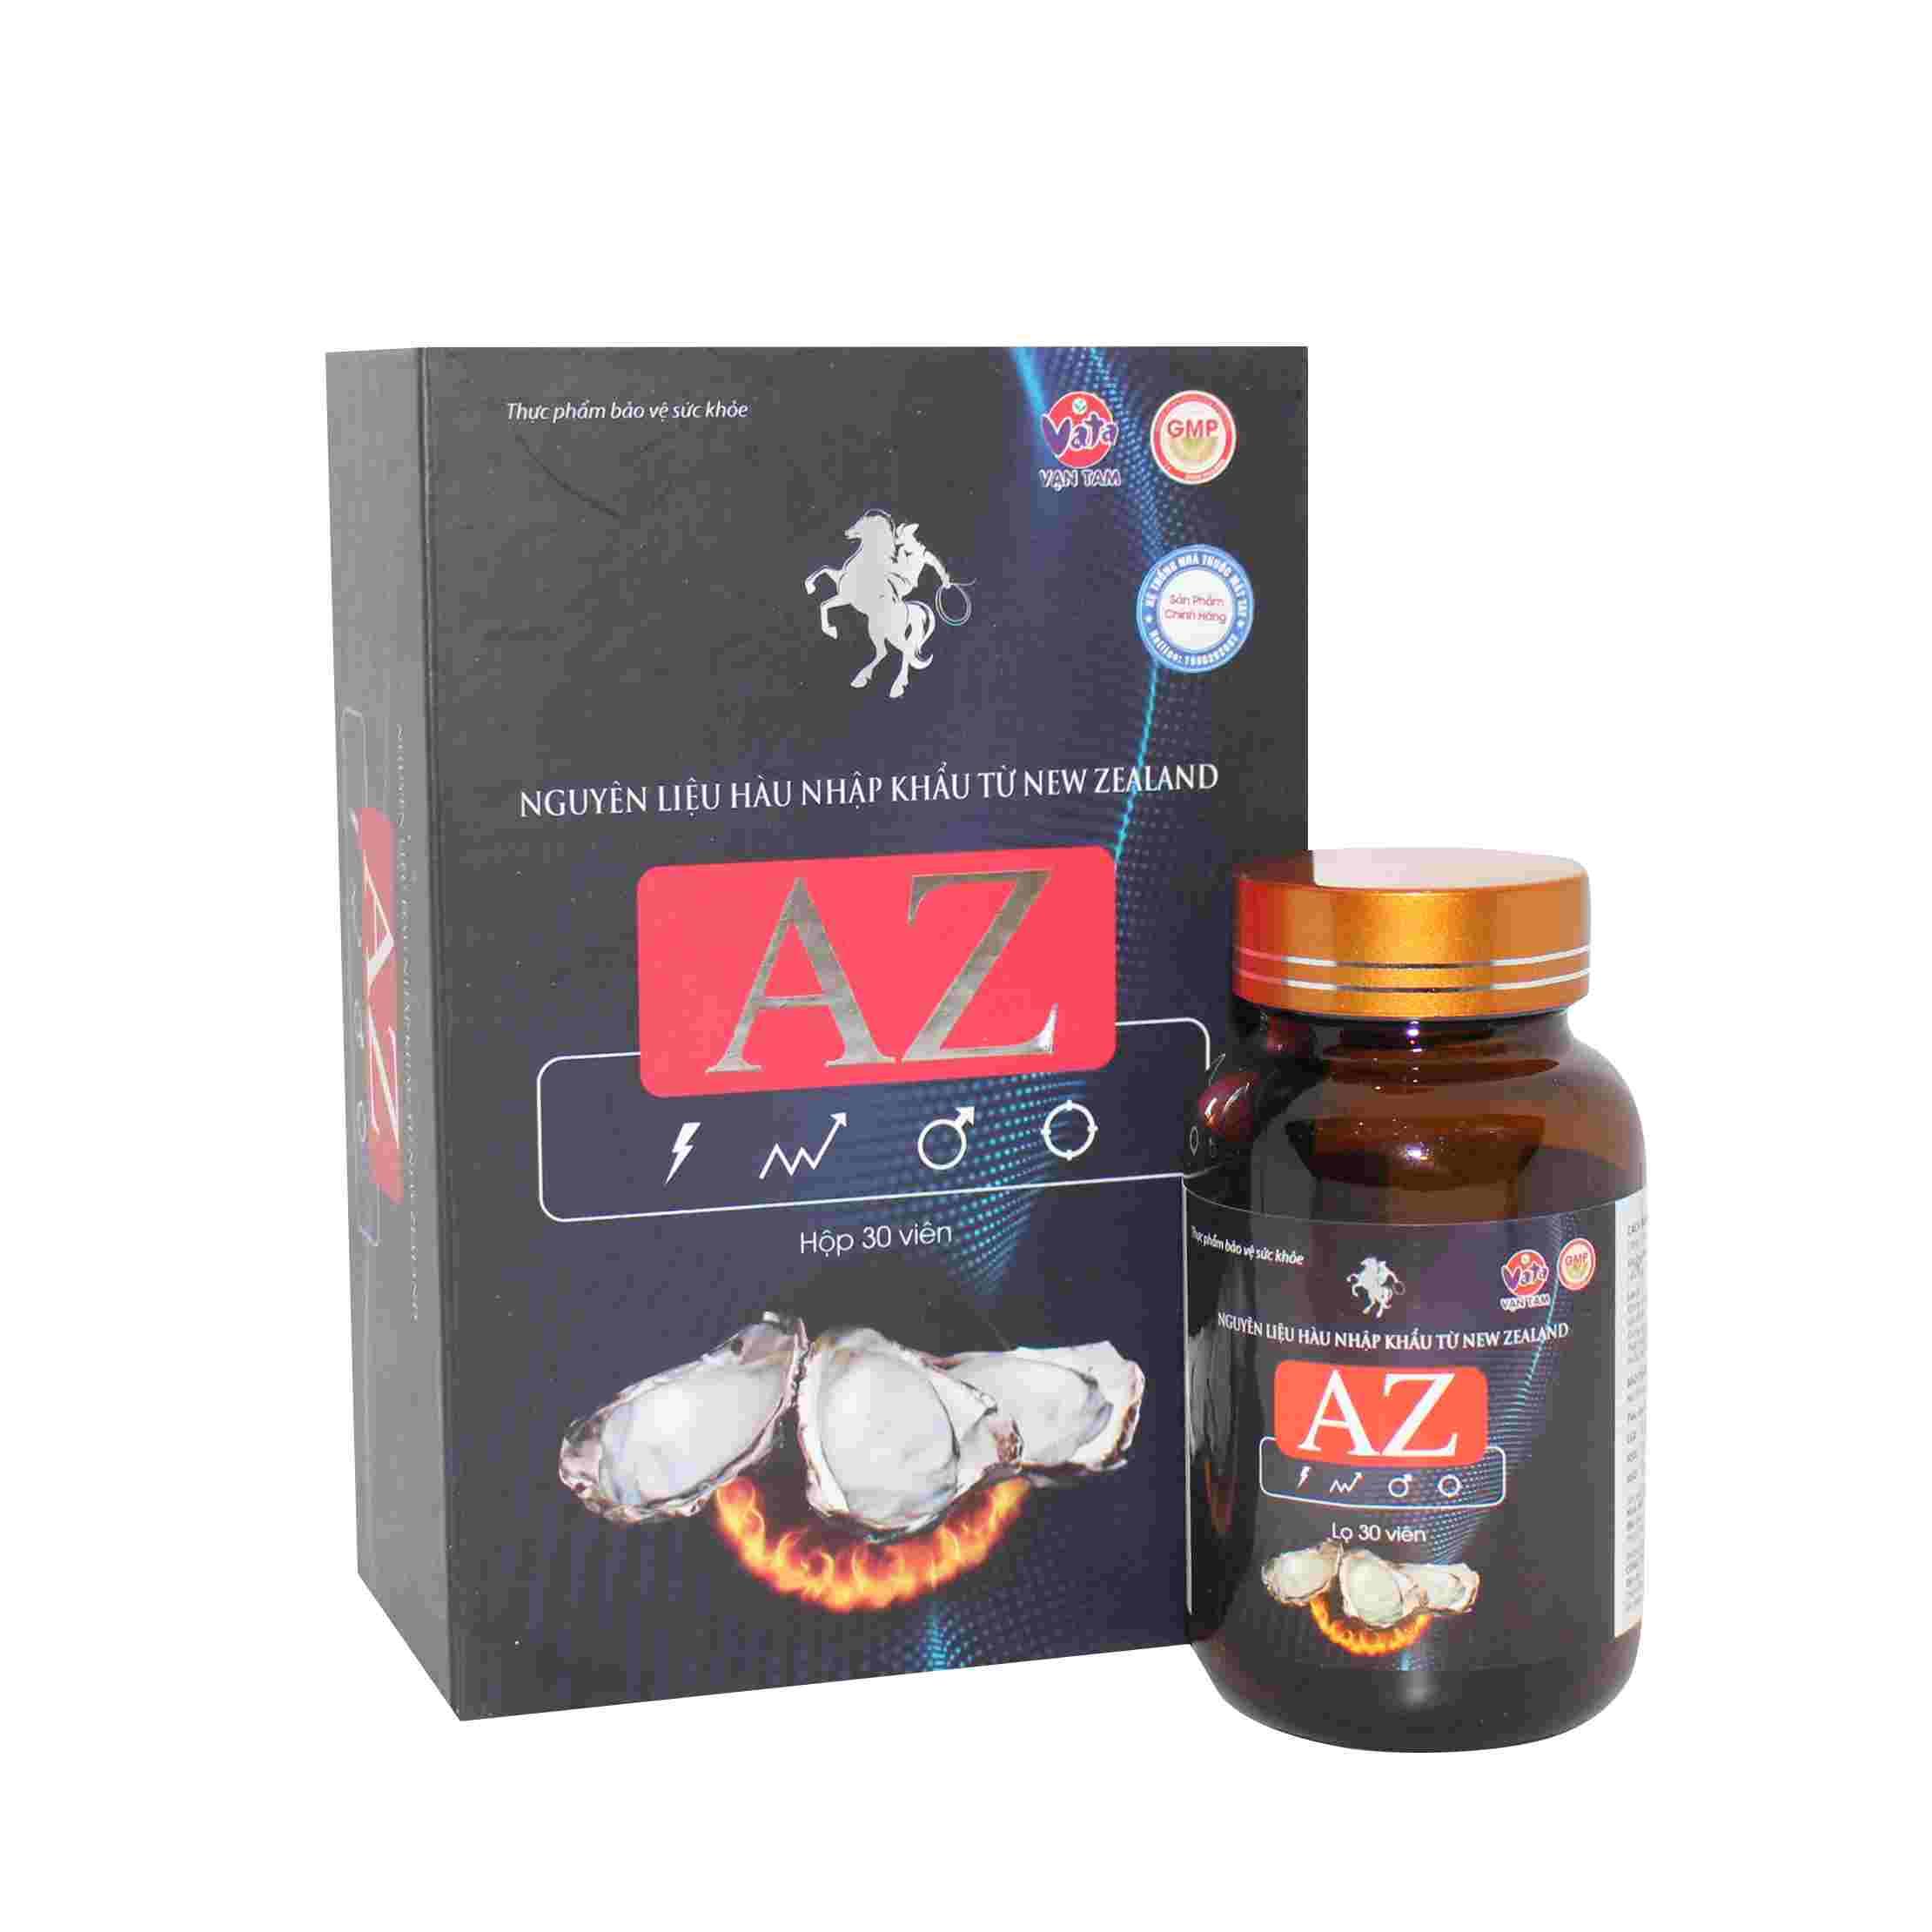 Thực phẩm bảo vệ sức khỏe Hàu Biển A-Z hộp 1 lọ 30 viên